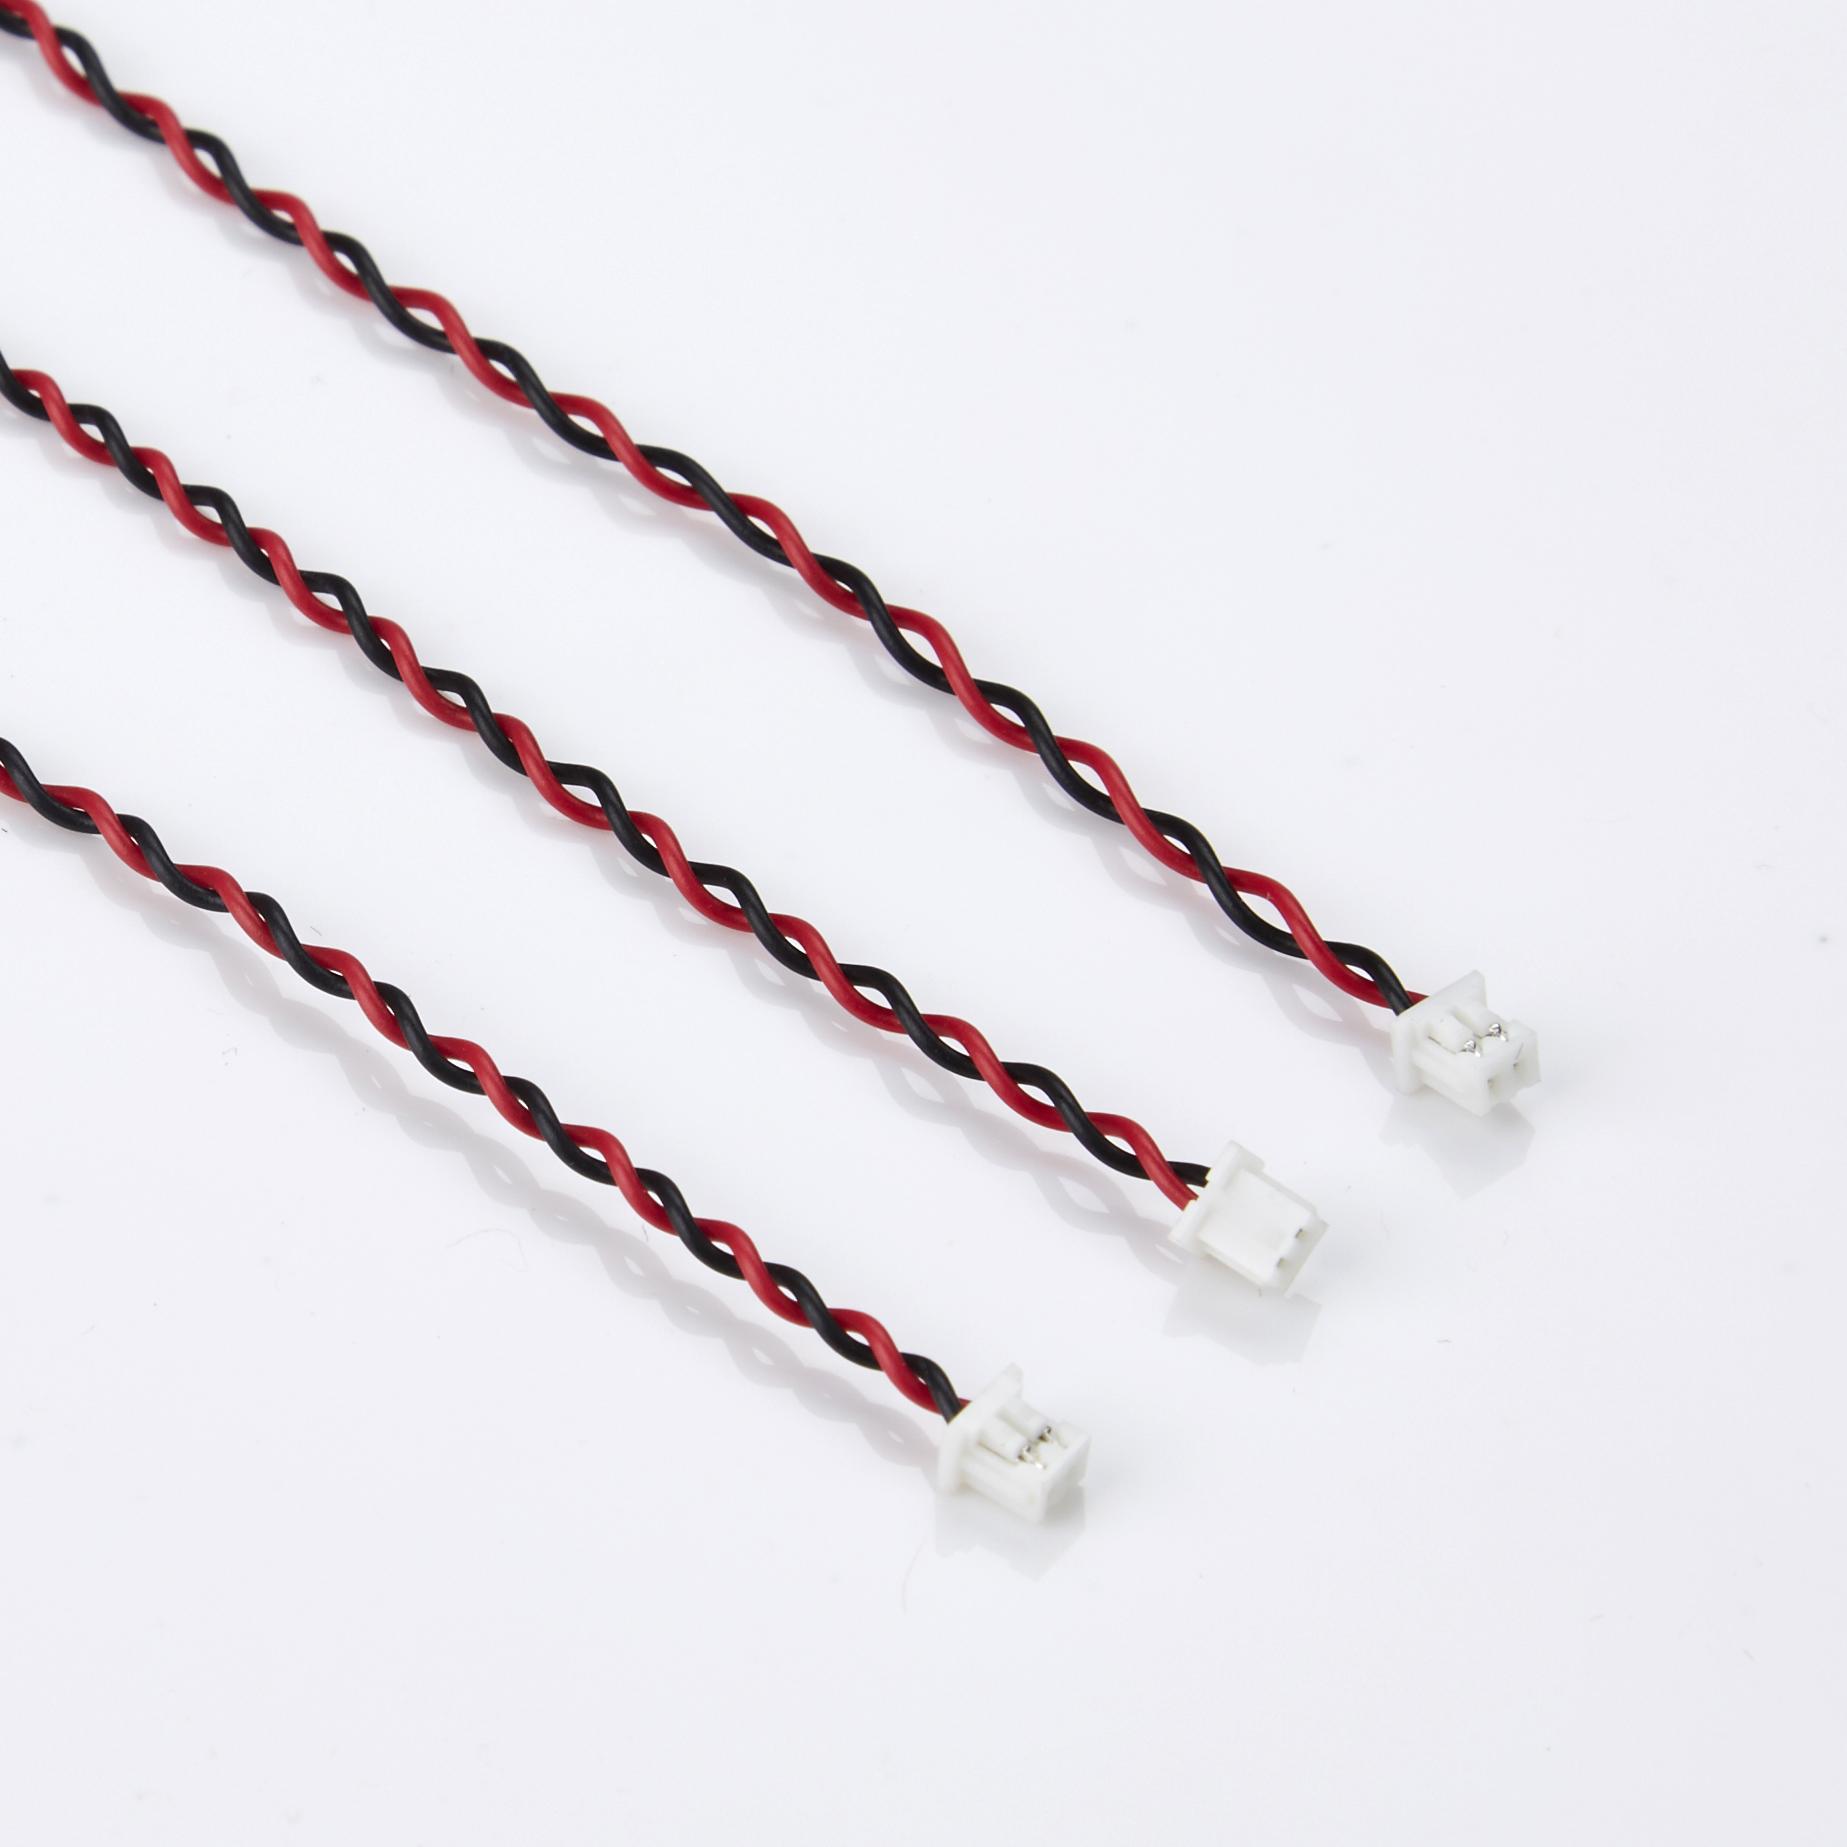 Finden Sie Hohe Qualität Automatikgetriebe Kabelbaum Hersteller ...